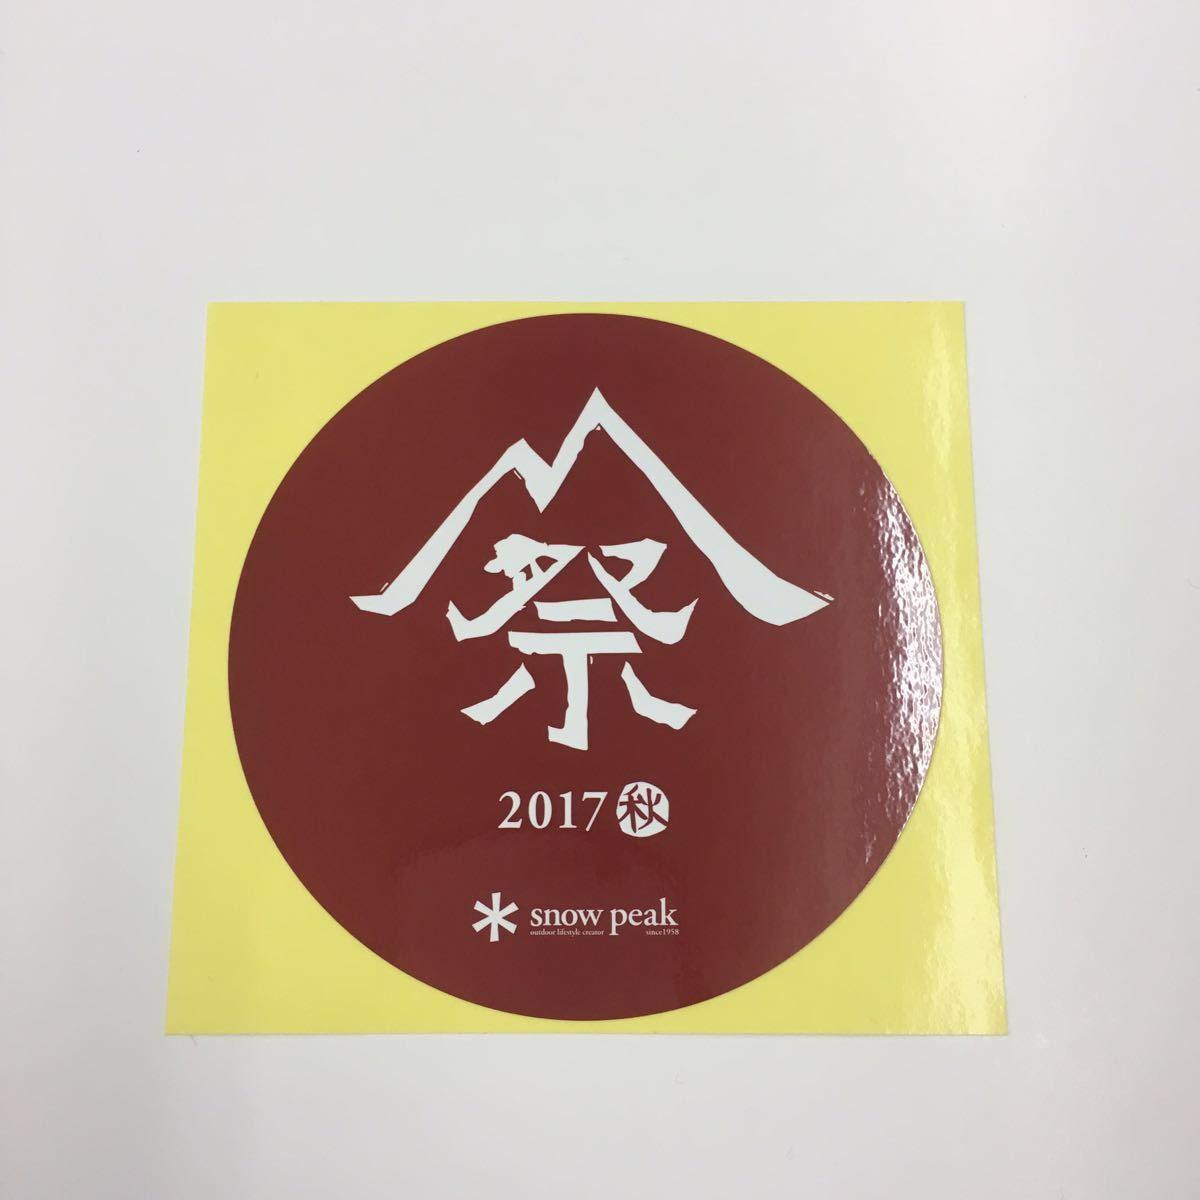 送料無料 スノーピーク ステッカー 雪峰祭 2017秋 非売品